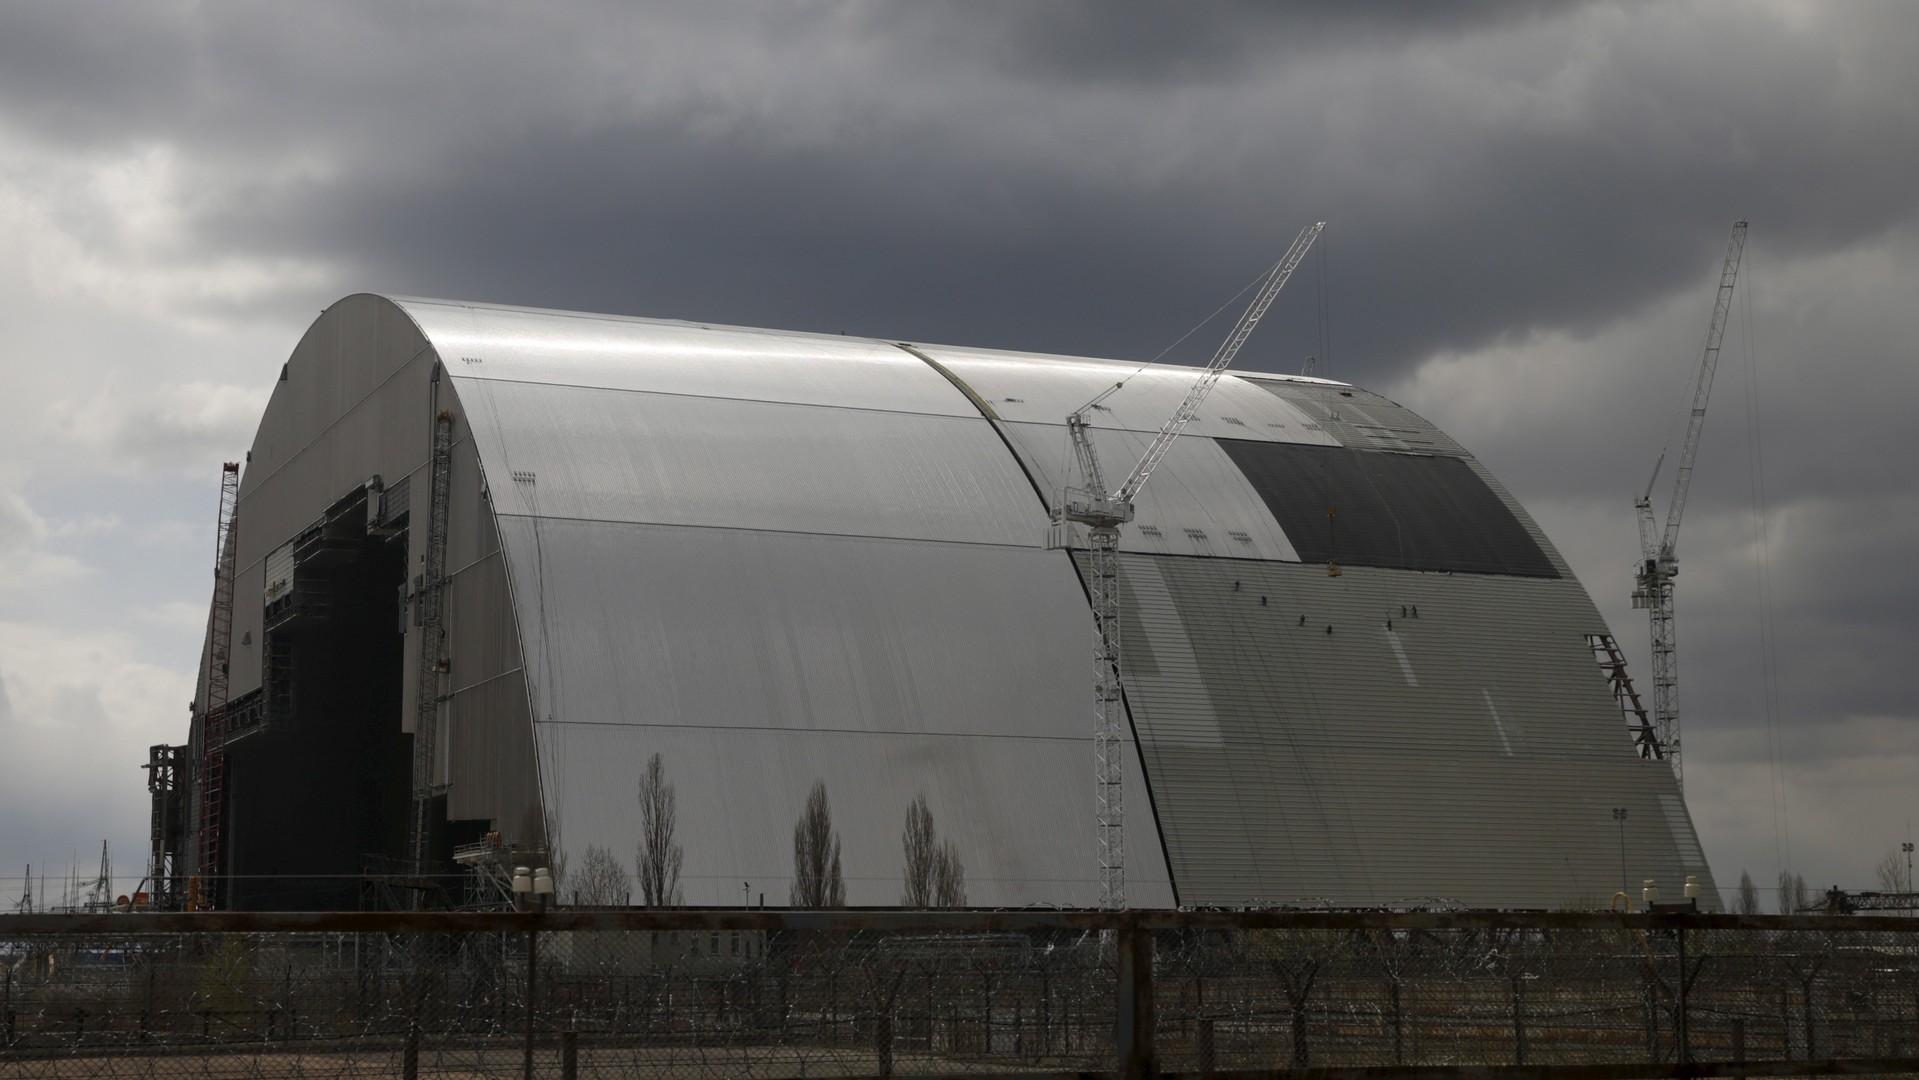 L'arche de confinement du réacteur no.4 de la centrale nucléaire abandonnée de Tchernobyl